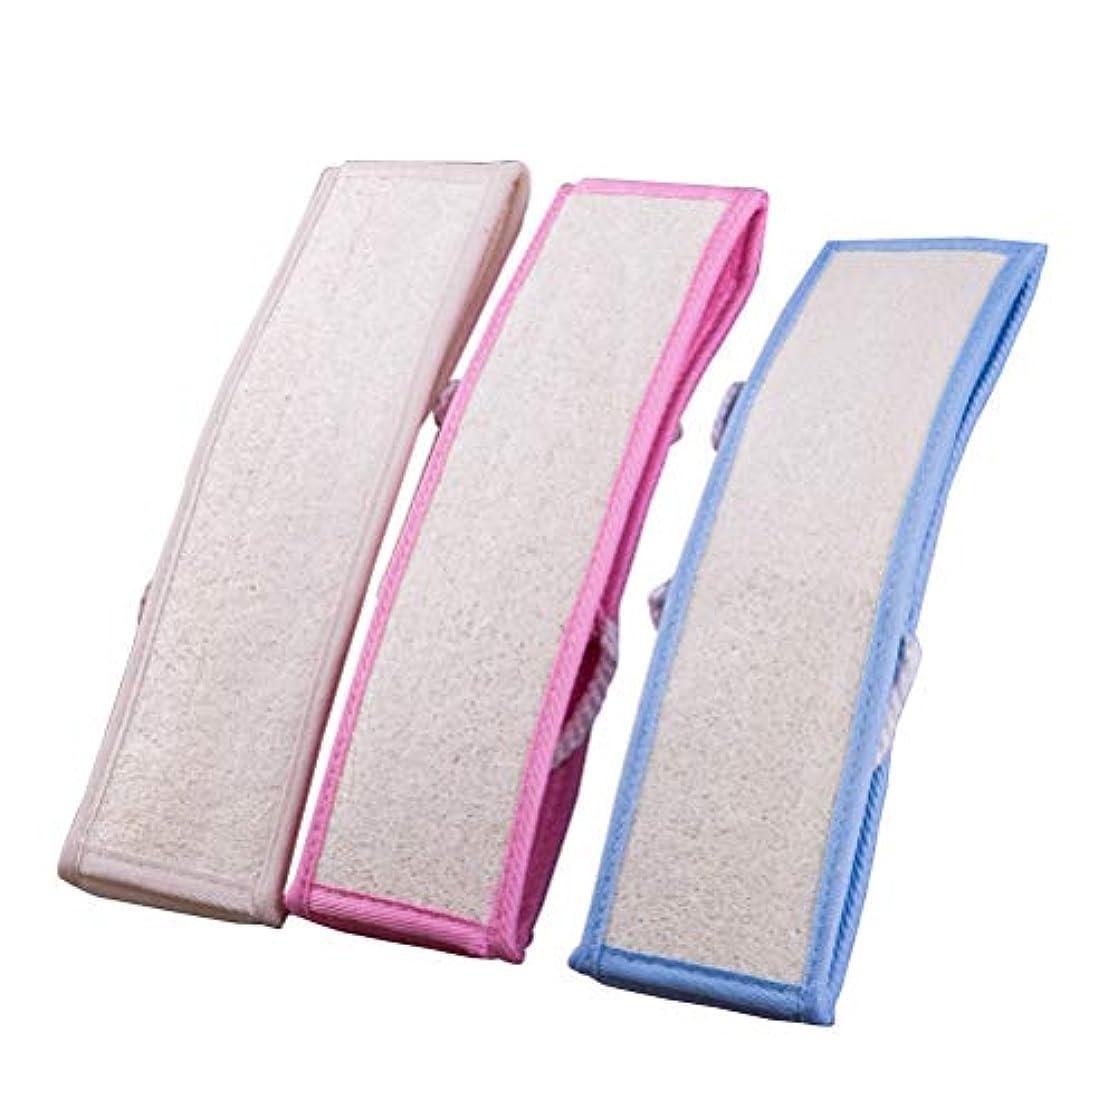 閉じる転用増強Healifty 3本のLoofahバックストラップ剥離バックスクラバーロングシャワーバスLoofah(青、ピンク、白各1個)